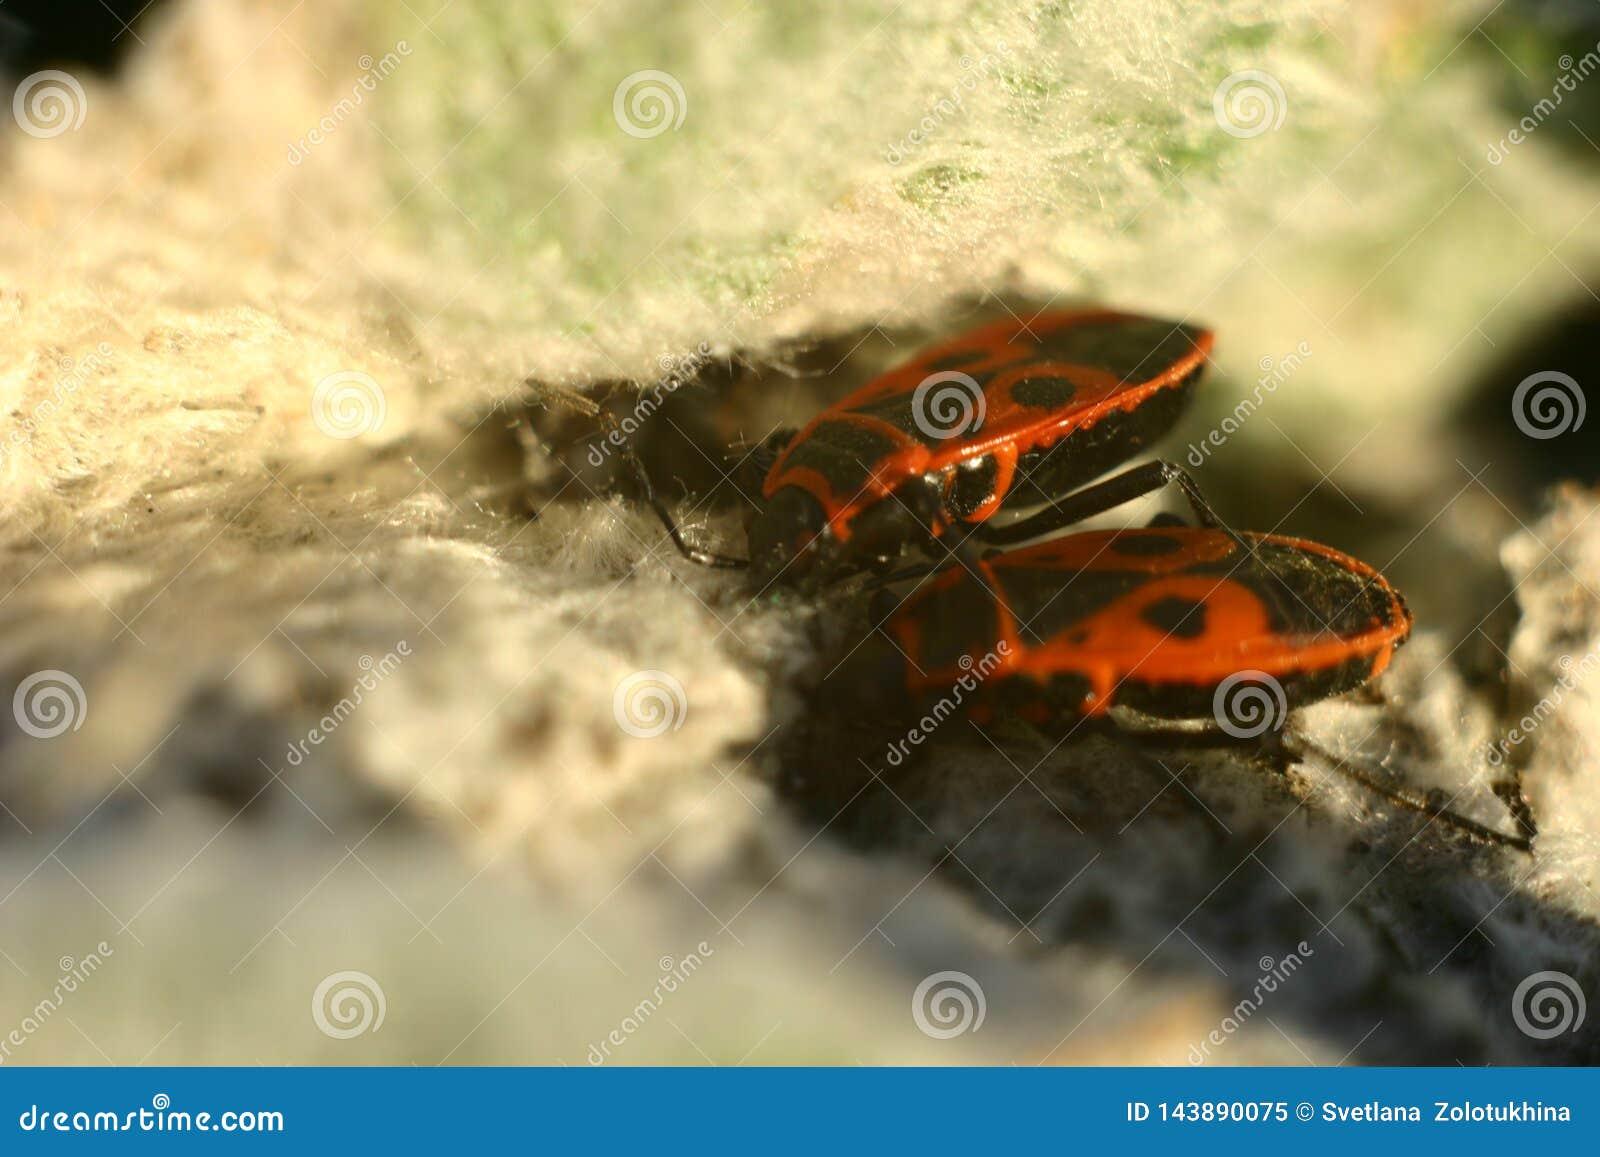 Macro tir Scarabée rouge et noir lumineux mignon C est un insecte rouge sans ailes ou insecte de soldier's